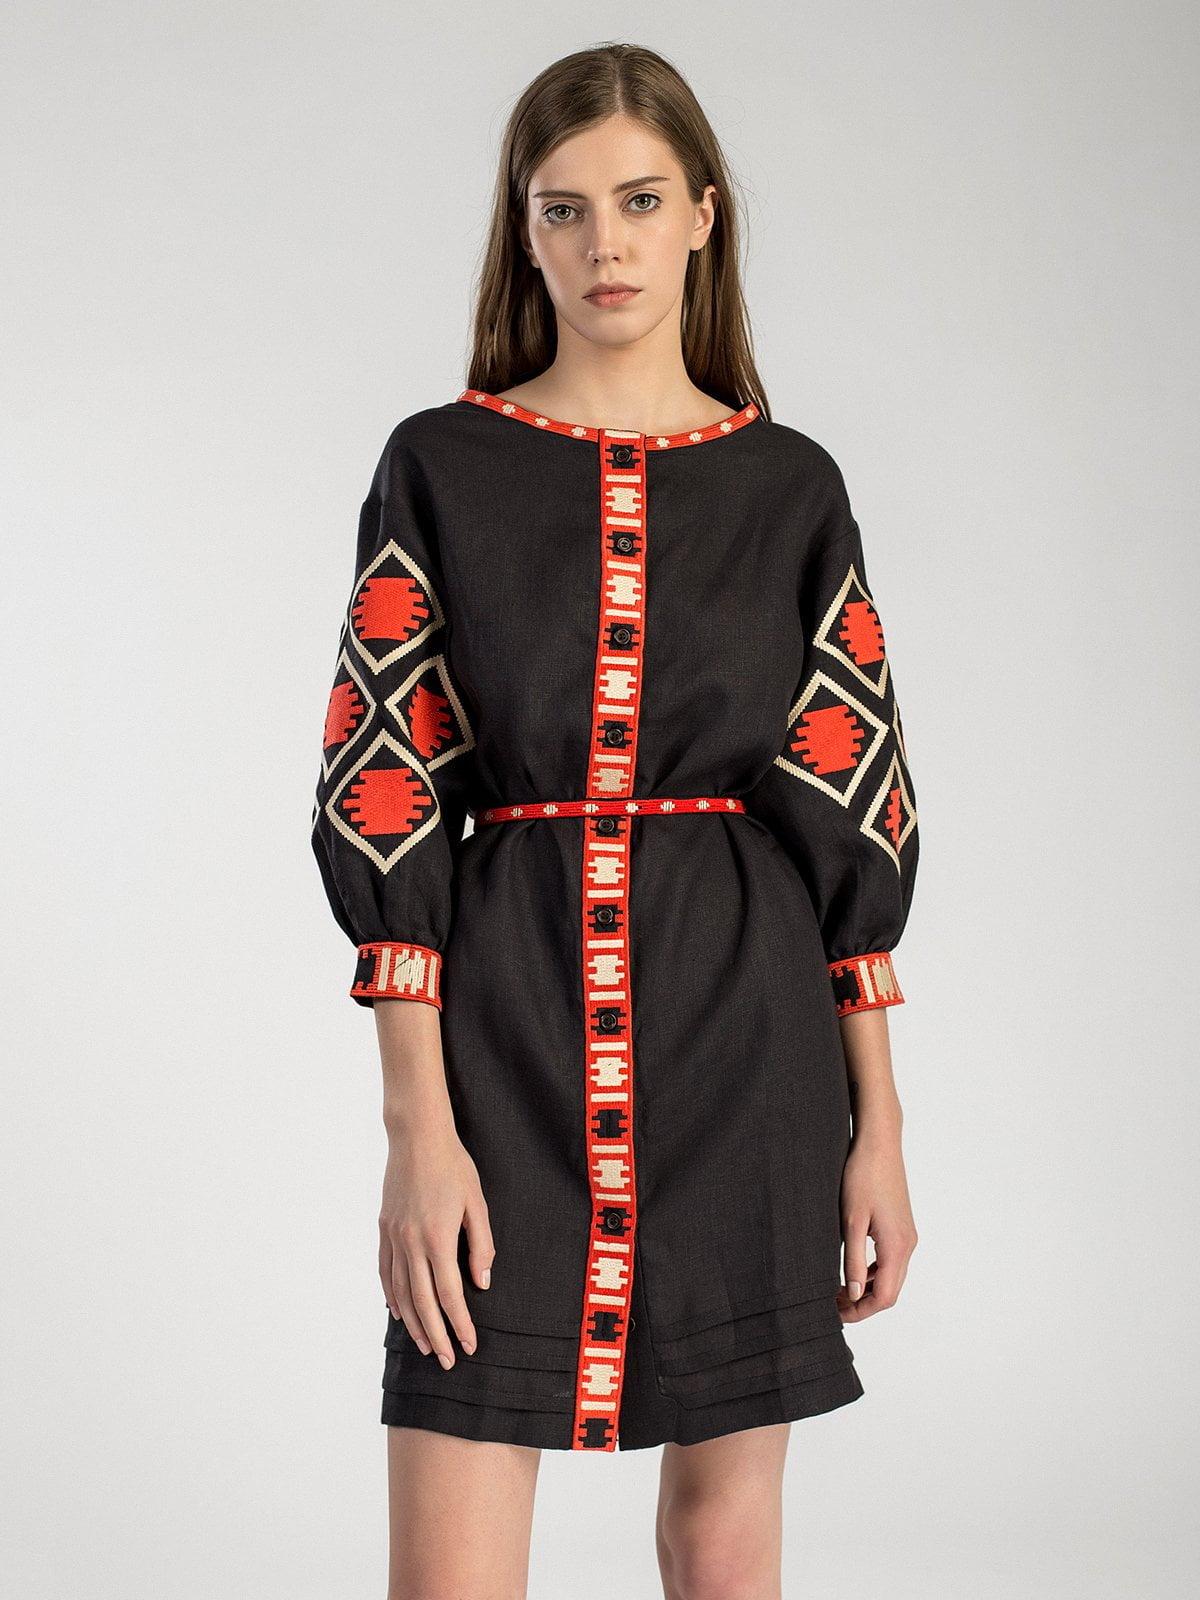 Льняна вишита сукня чорного кольору на гудзиках MD19 – купити в ... 3d35761e145dc